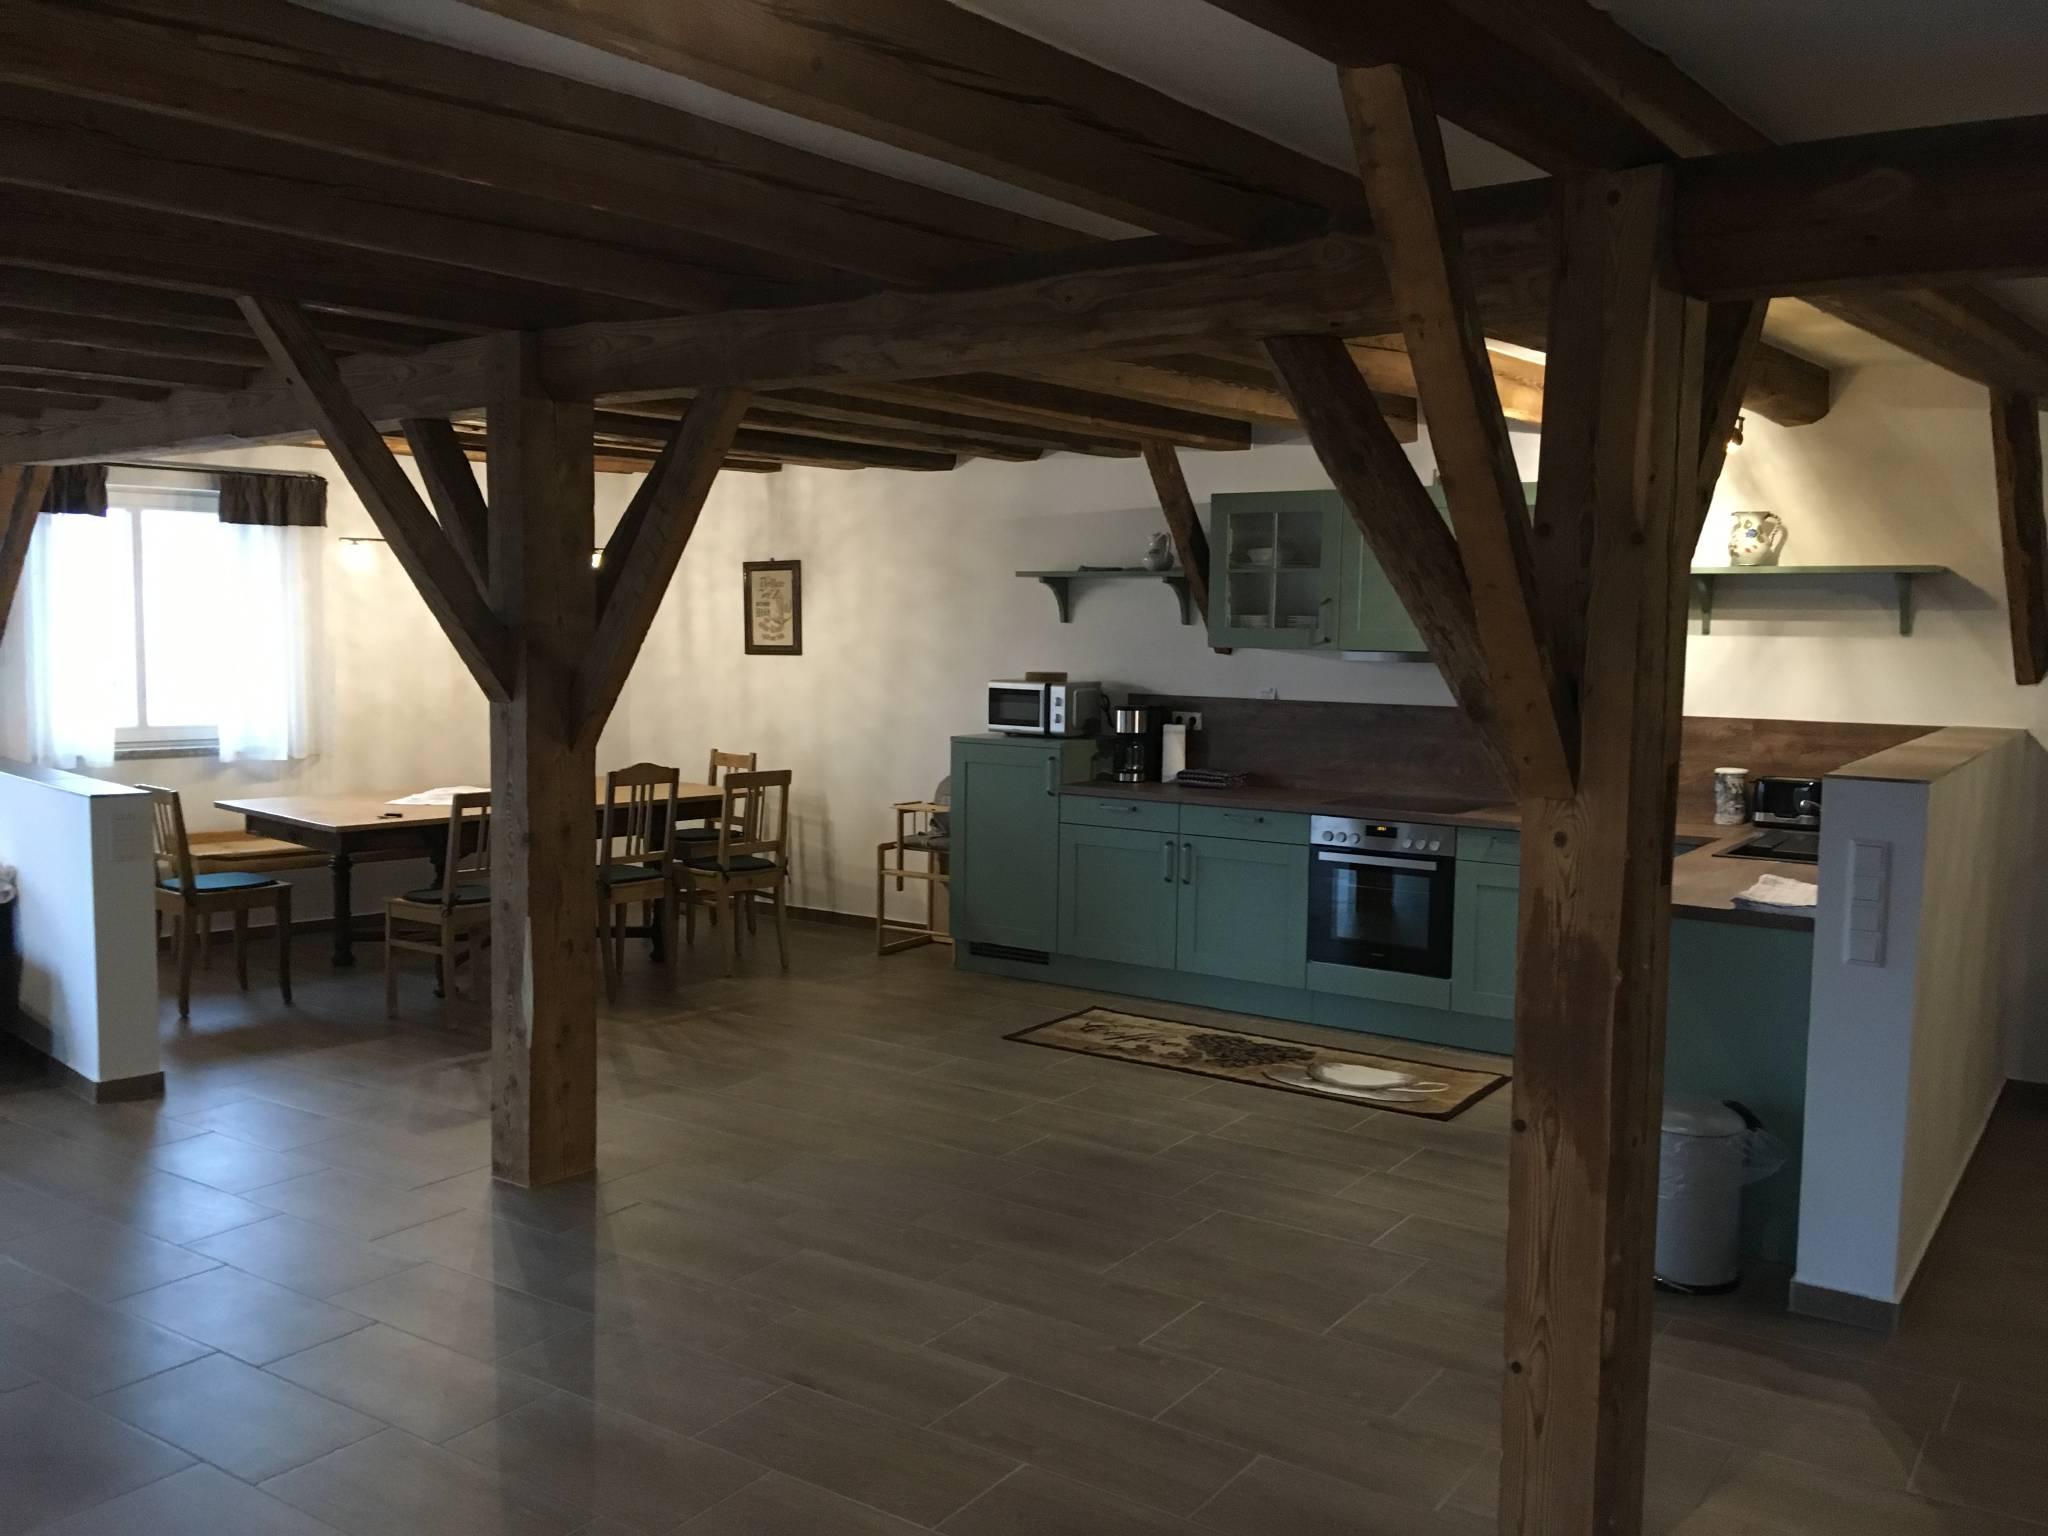 Küche, Essen und Wohnzimmer